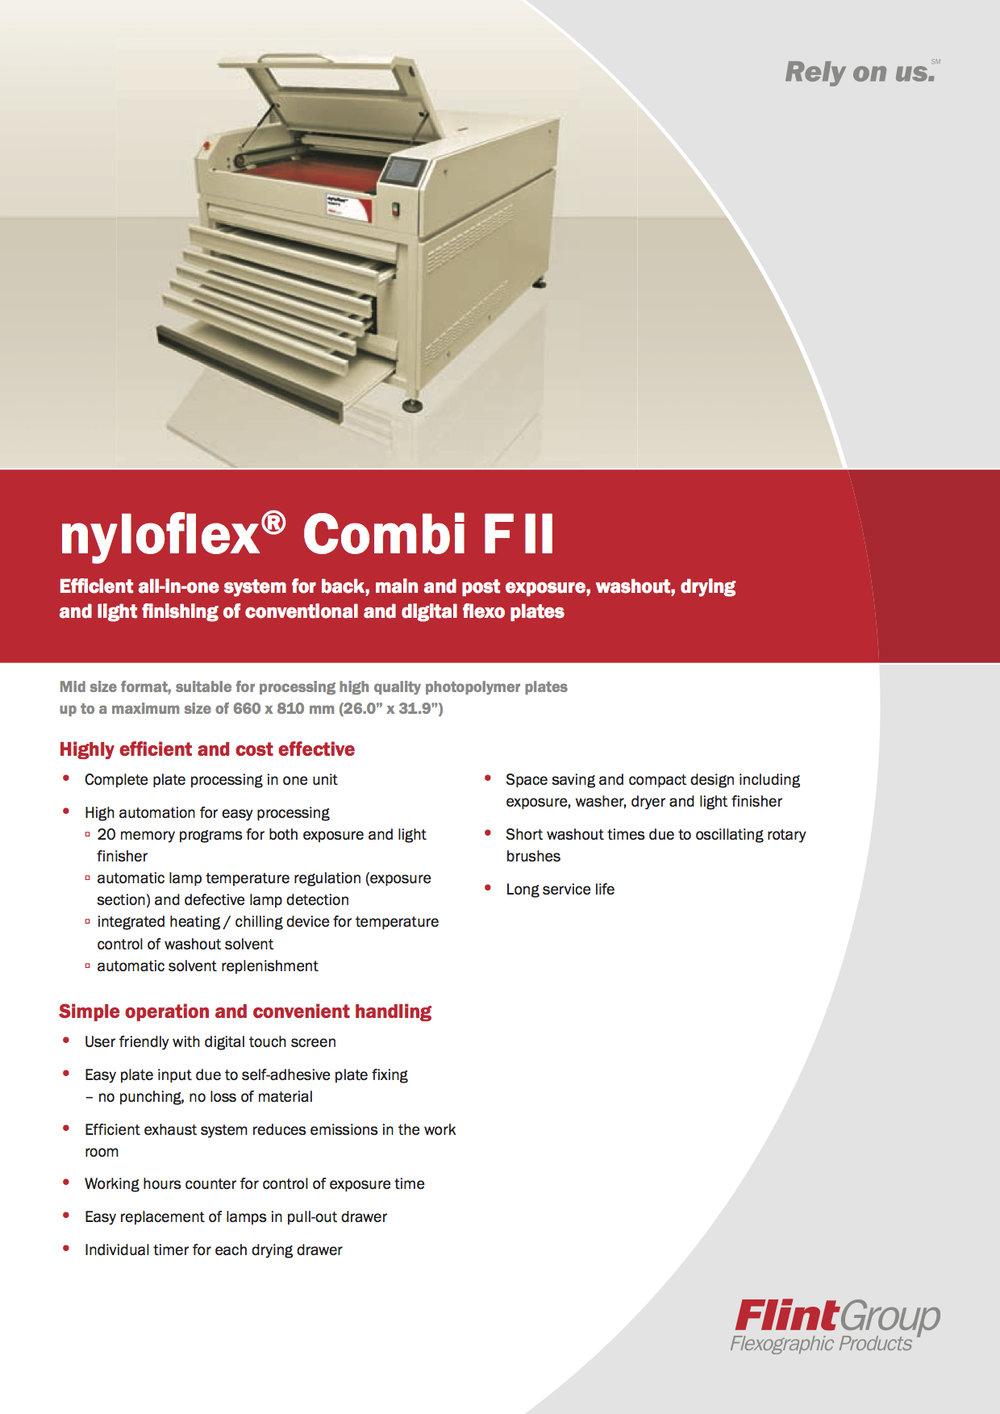 Nyoflex Combi F II